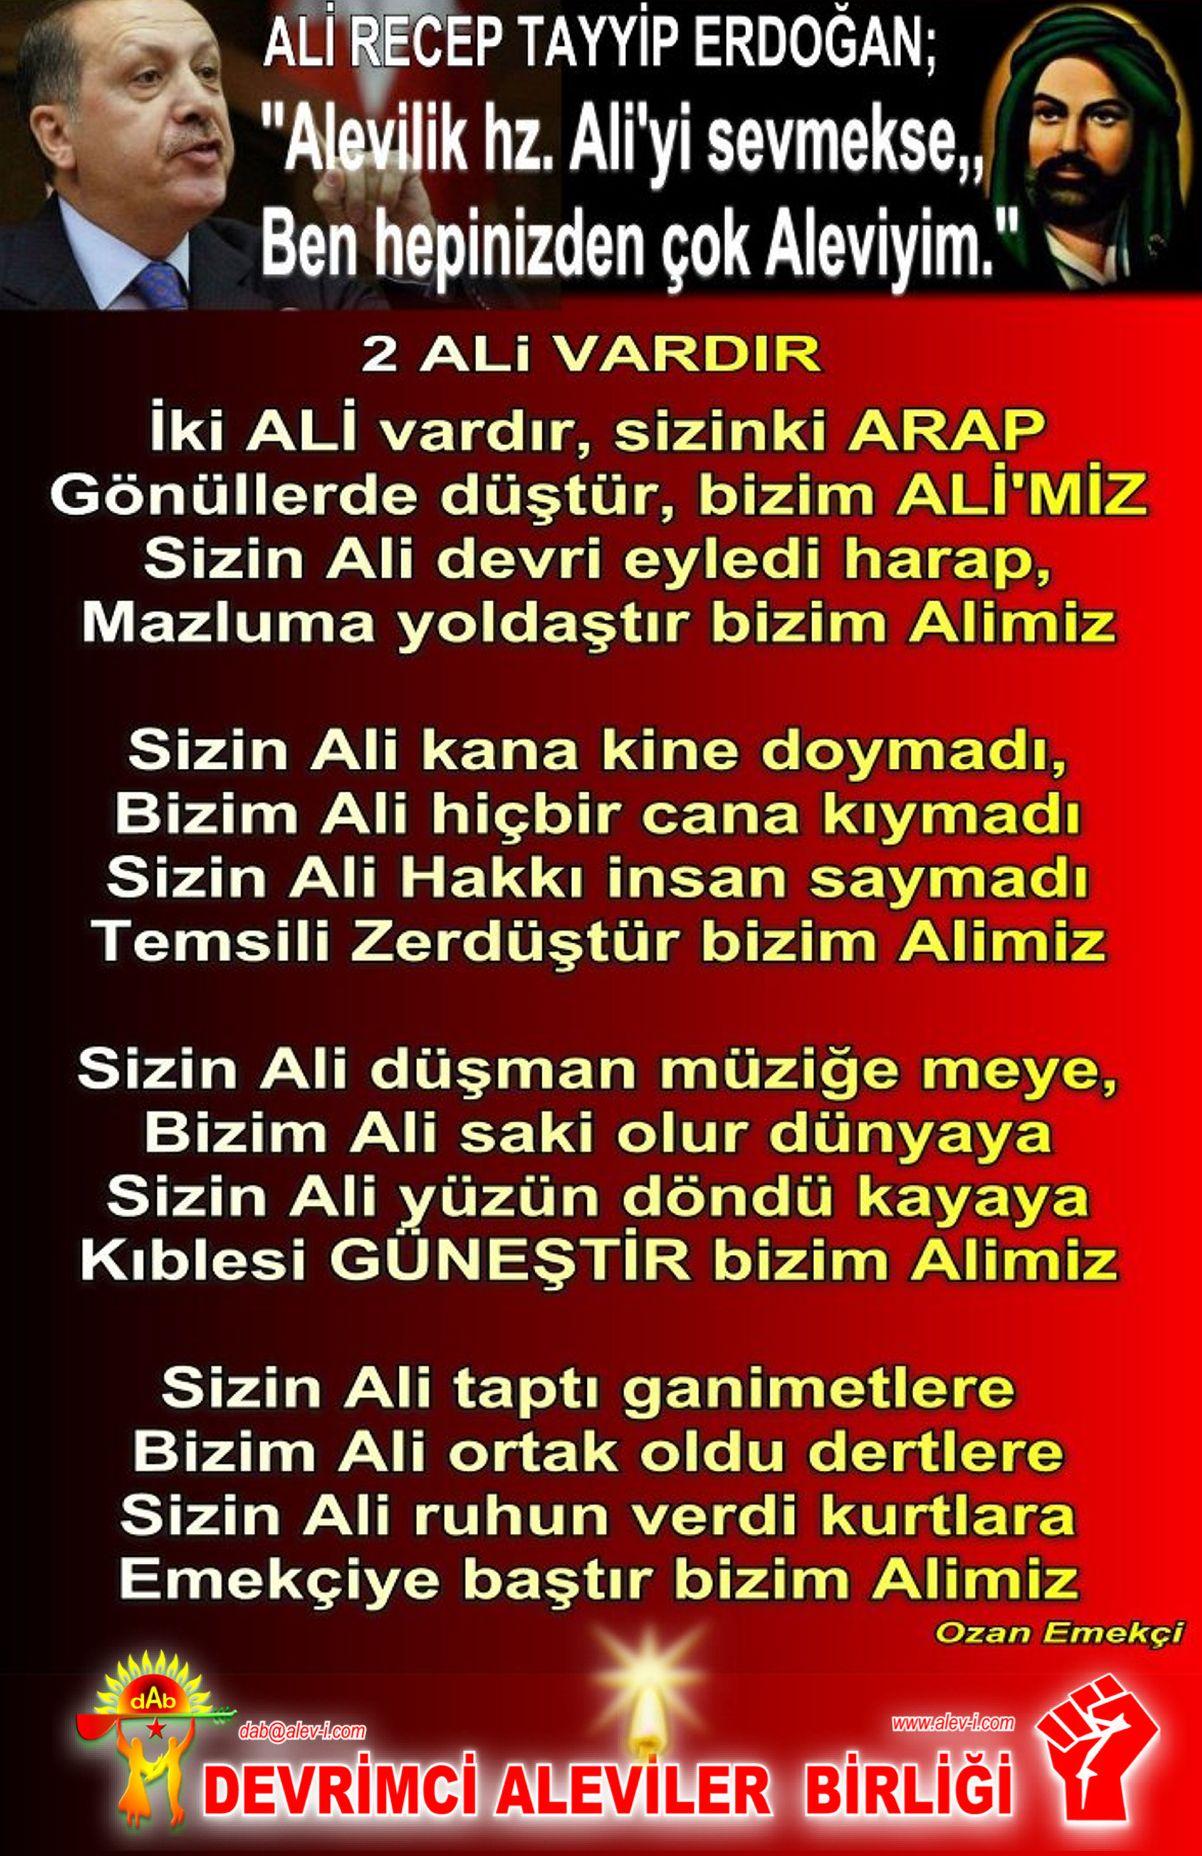 Alevi Bektaşi Kızılbaş Pir Sultan İslam dışı Atatürk faşist ehlibeyt 12 imam Devrimci Aleviler Birliği DAB tattip RTE ali